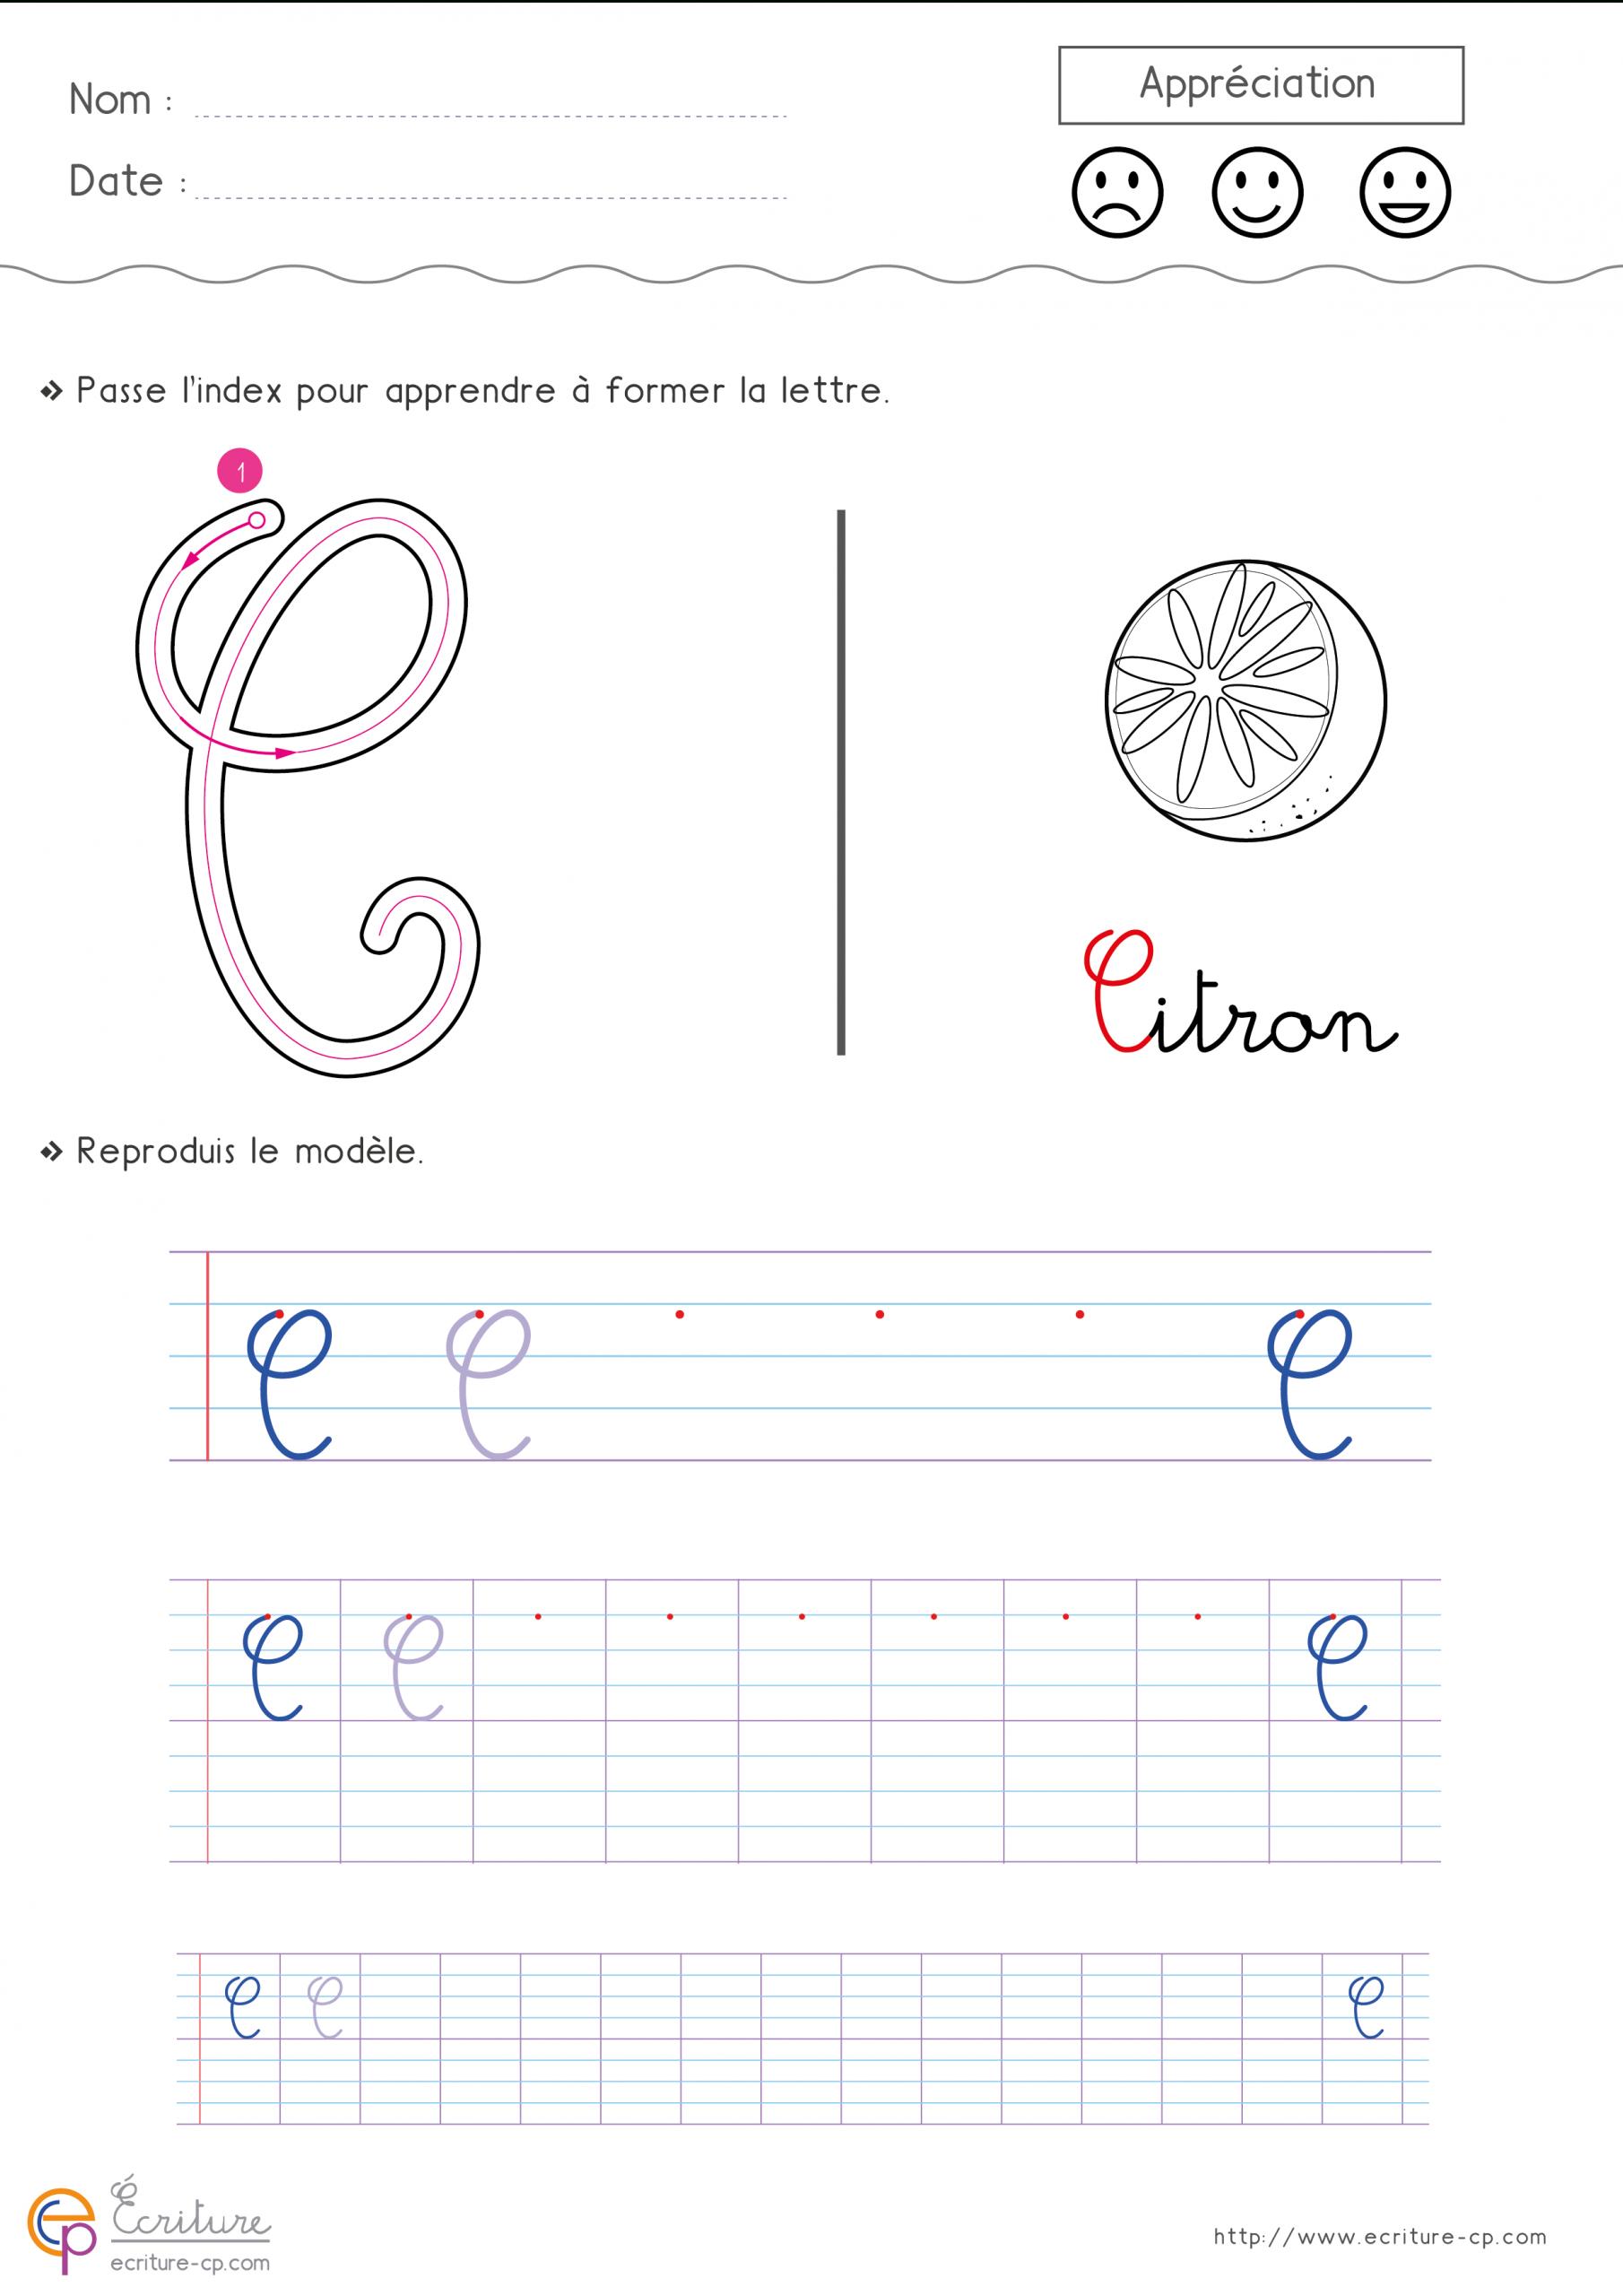 Écrire La Lettre C Minuscule Et Majuscule Cursive Cp Ce1 dedans Apprendre A Ecrire Les Lettres En Minuscule